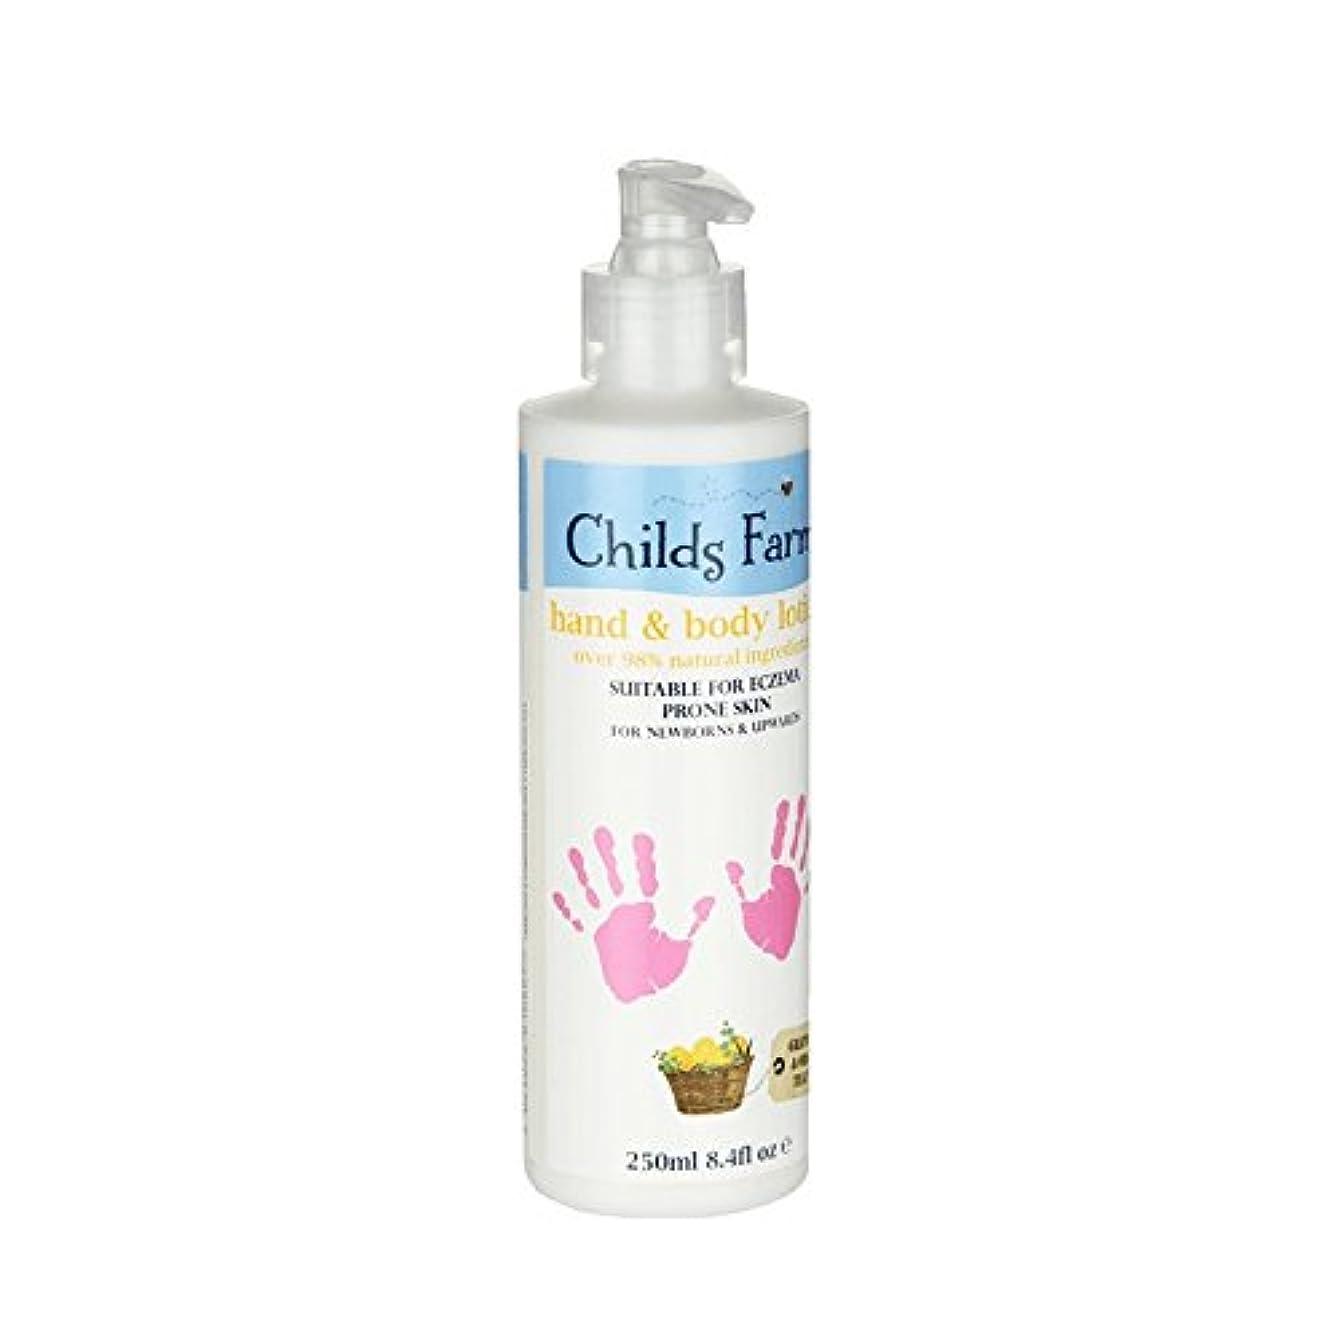 気楽な貝殻主に絹のような肌の250ミリリットルのためのチャイルズファームハンド&ボディローション - Childs Farm Hand & Body Lotion for Silky Skin 250ml (Childs Farm)...